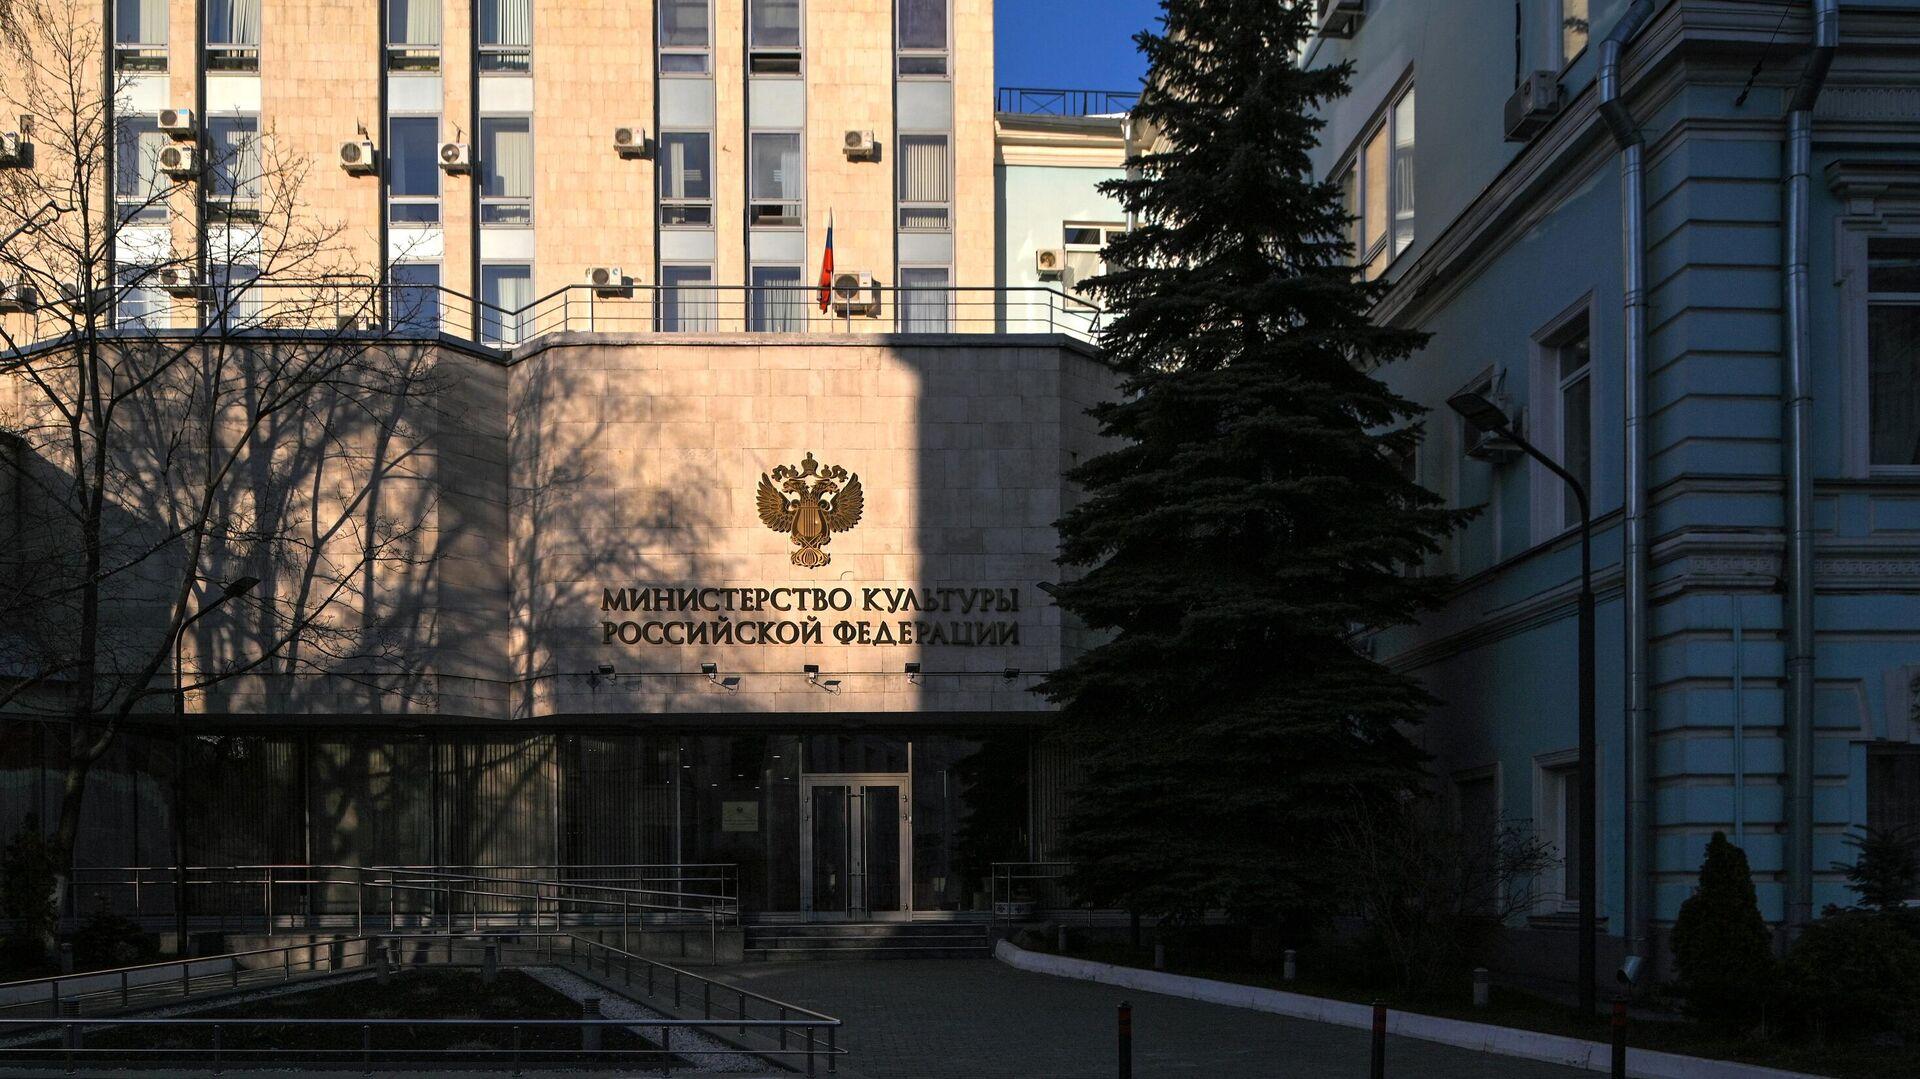 Здание Министерства культуры РФ в Москве - РИА Новости, 1920, 12.11.2020